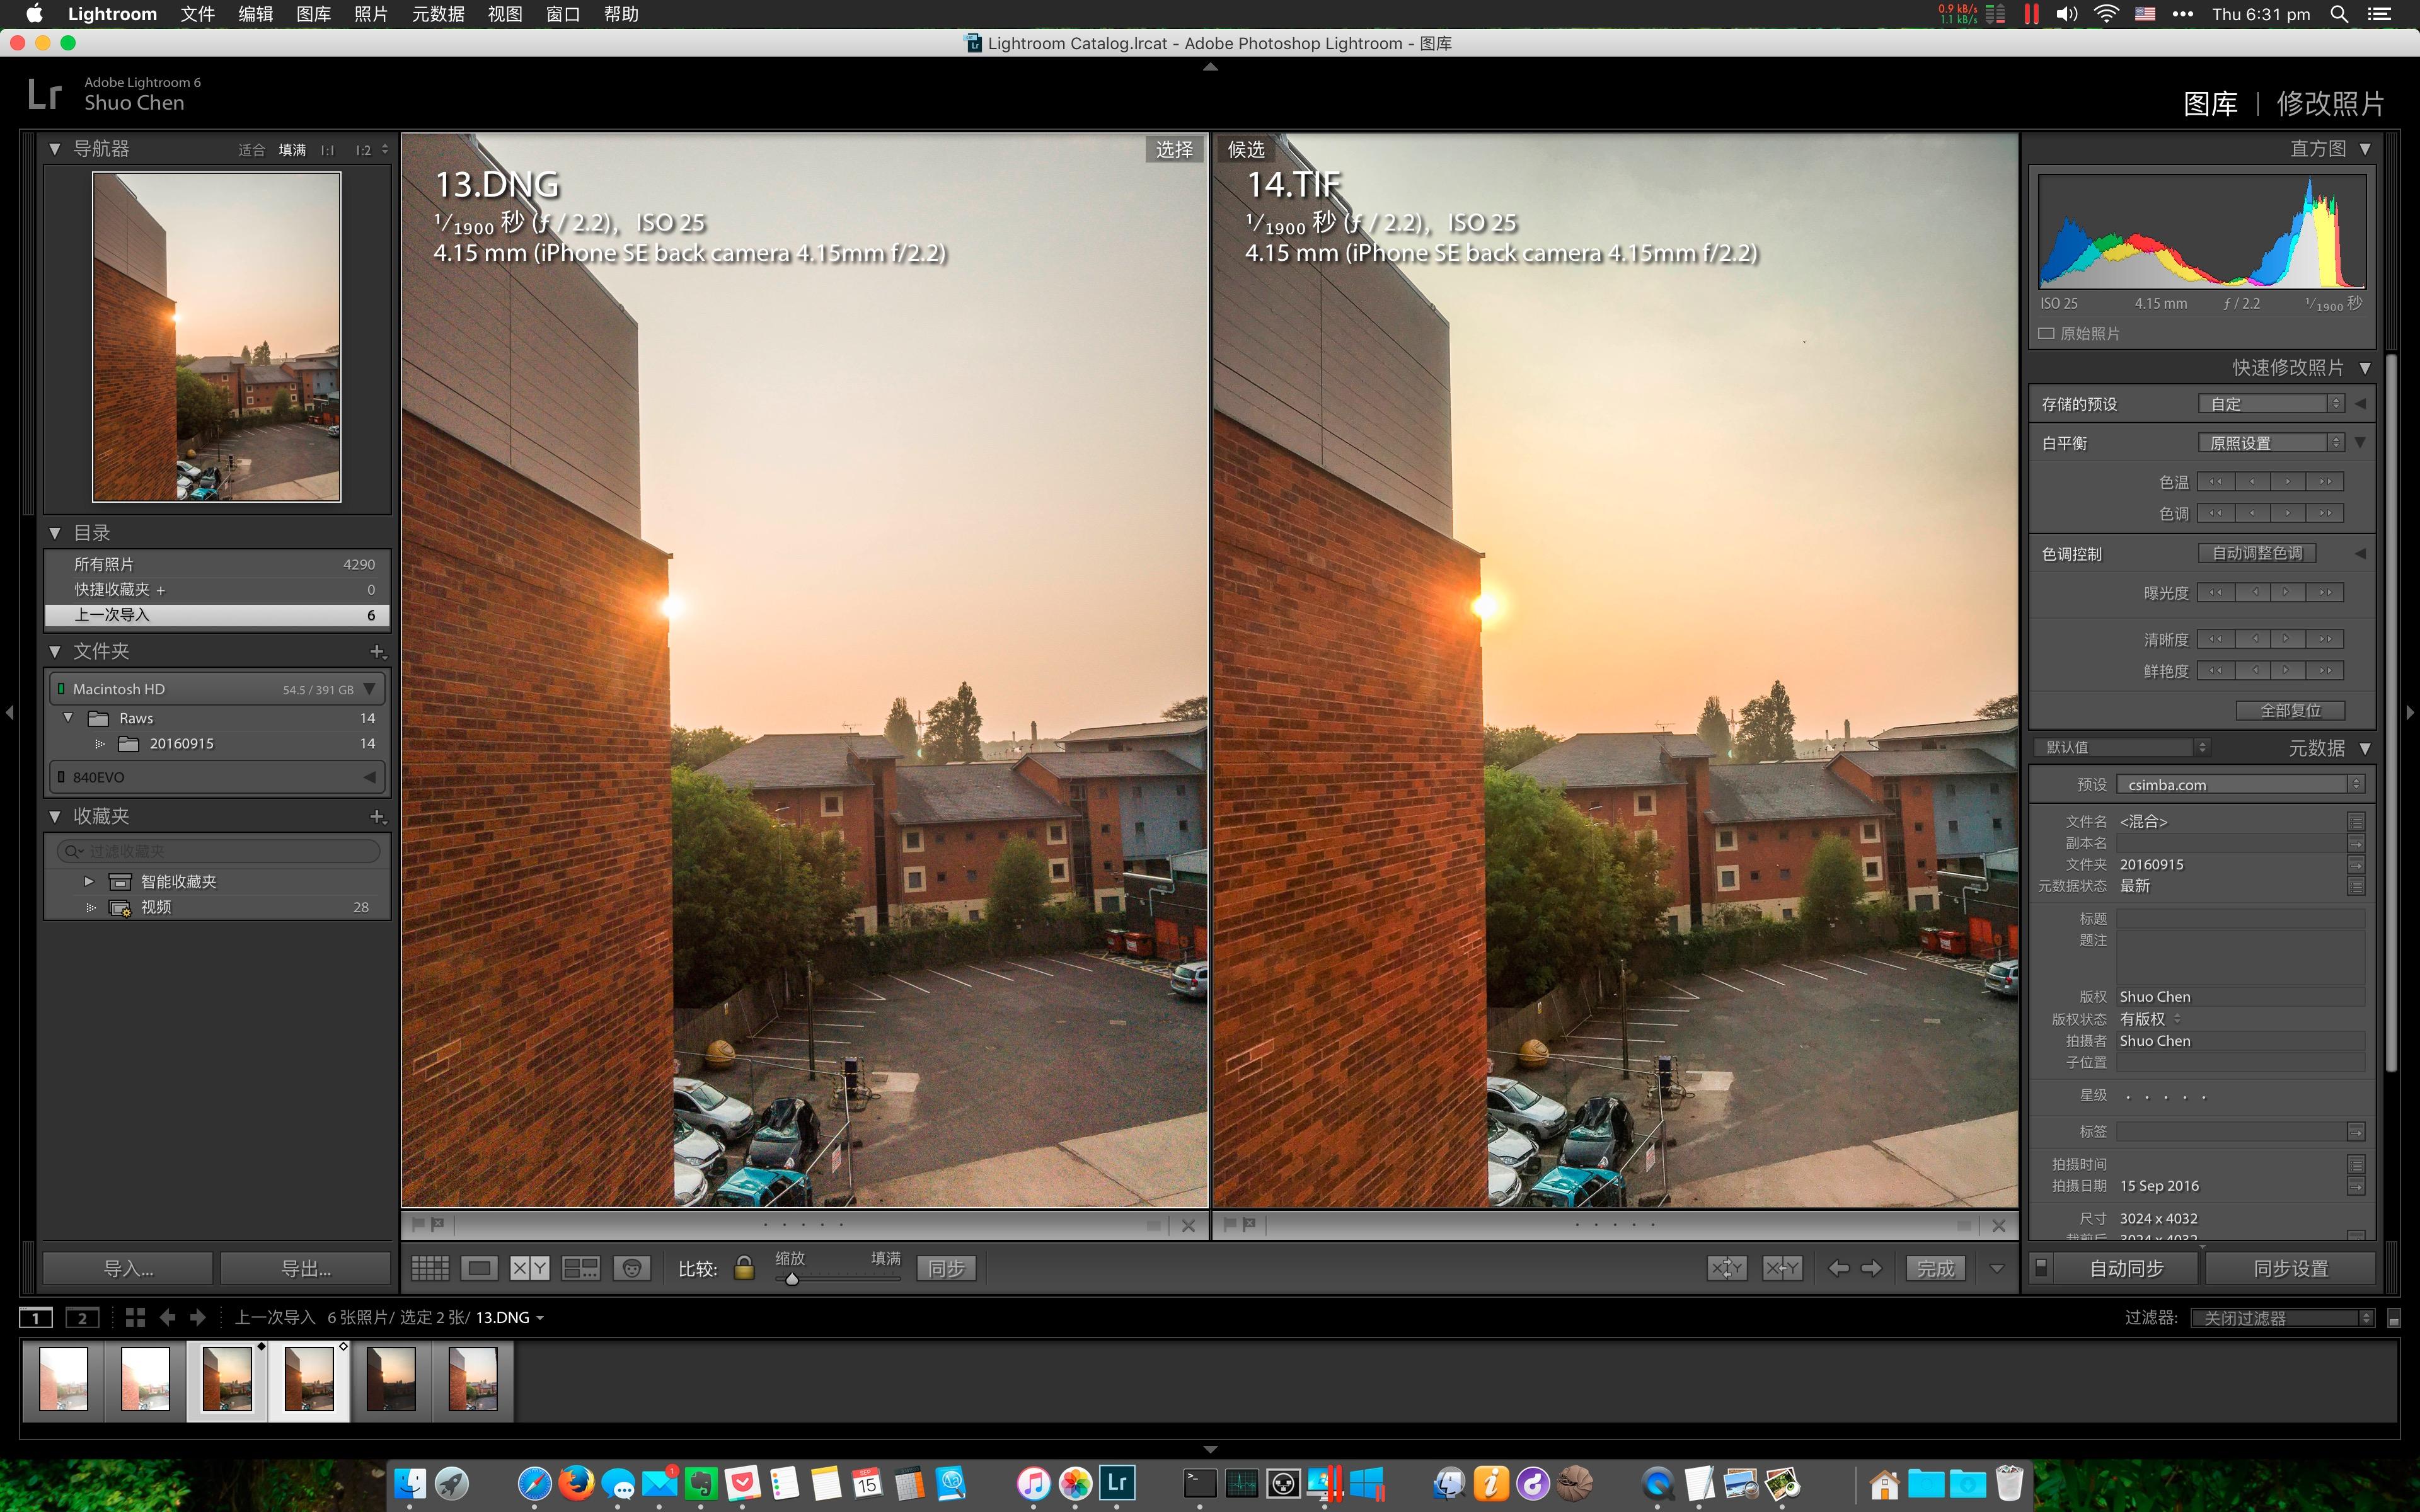 图3: Procam TIFF vs Raw 正常曝光拍摄后 高光-100 暗部+100 全局观感对比